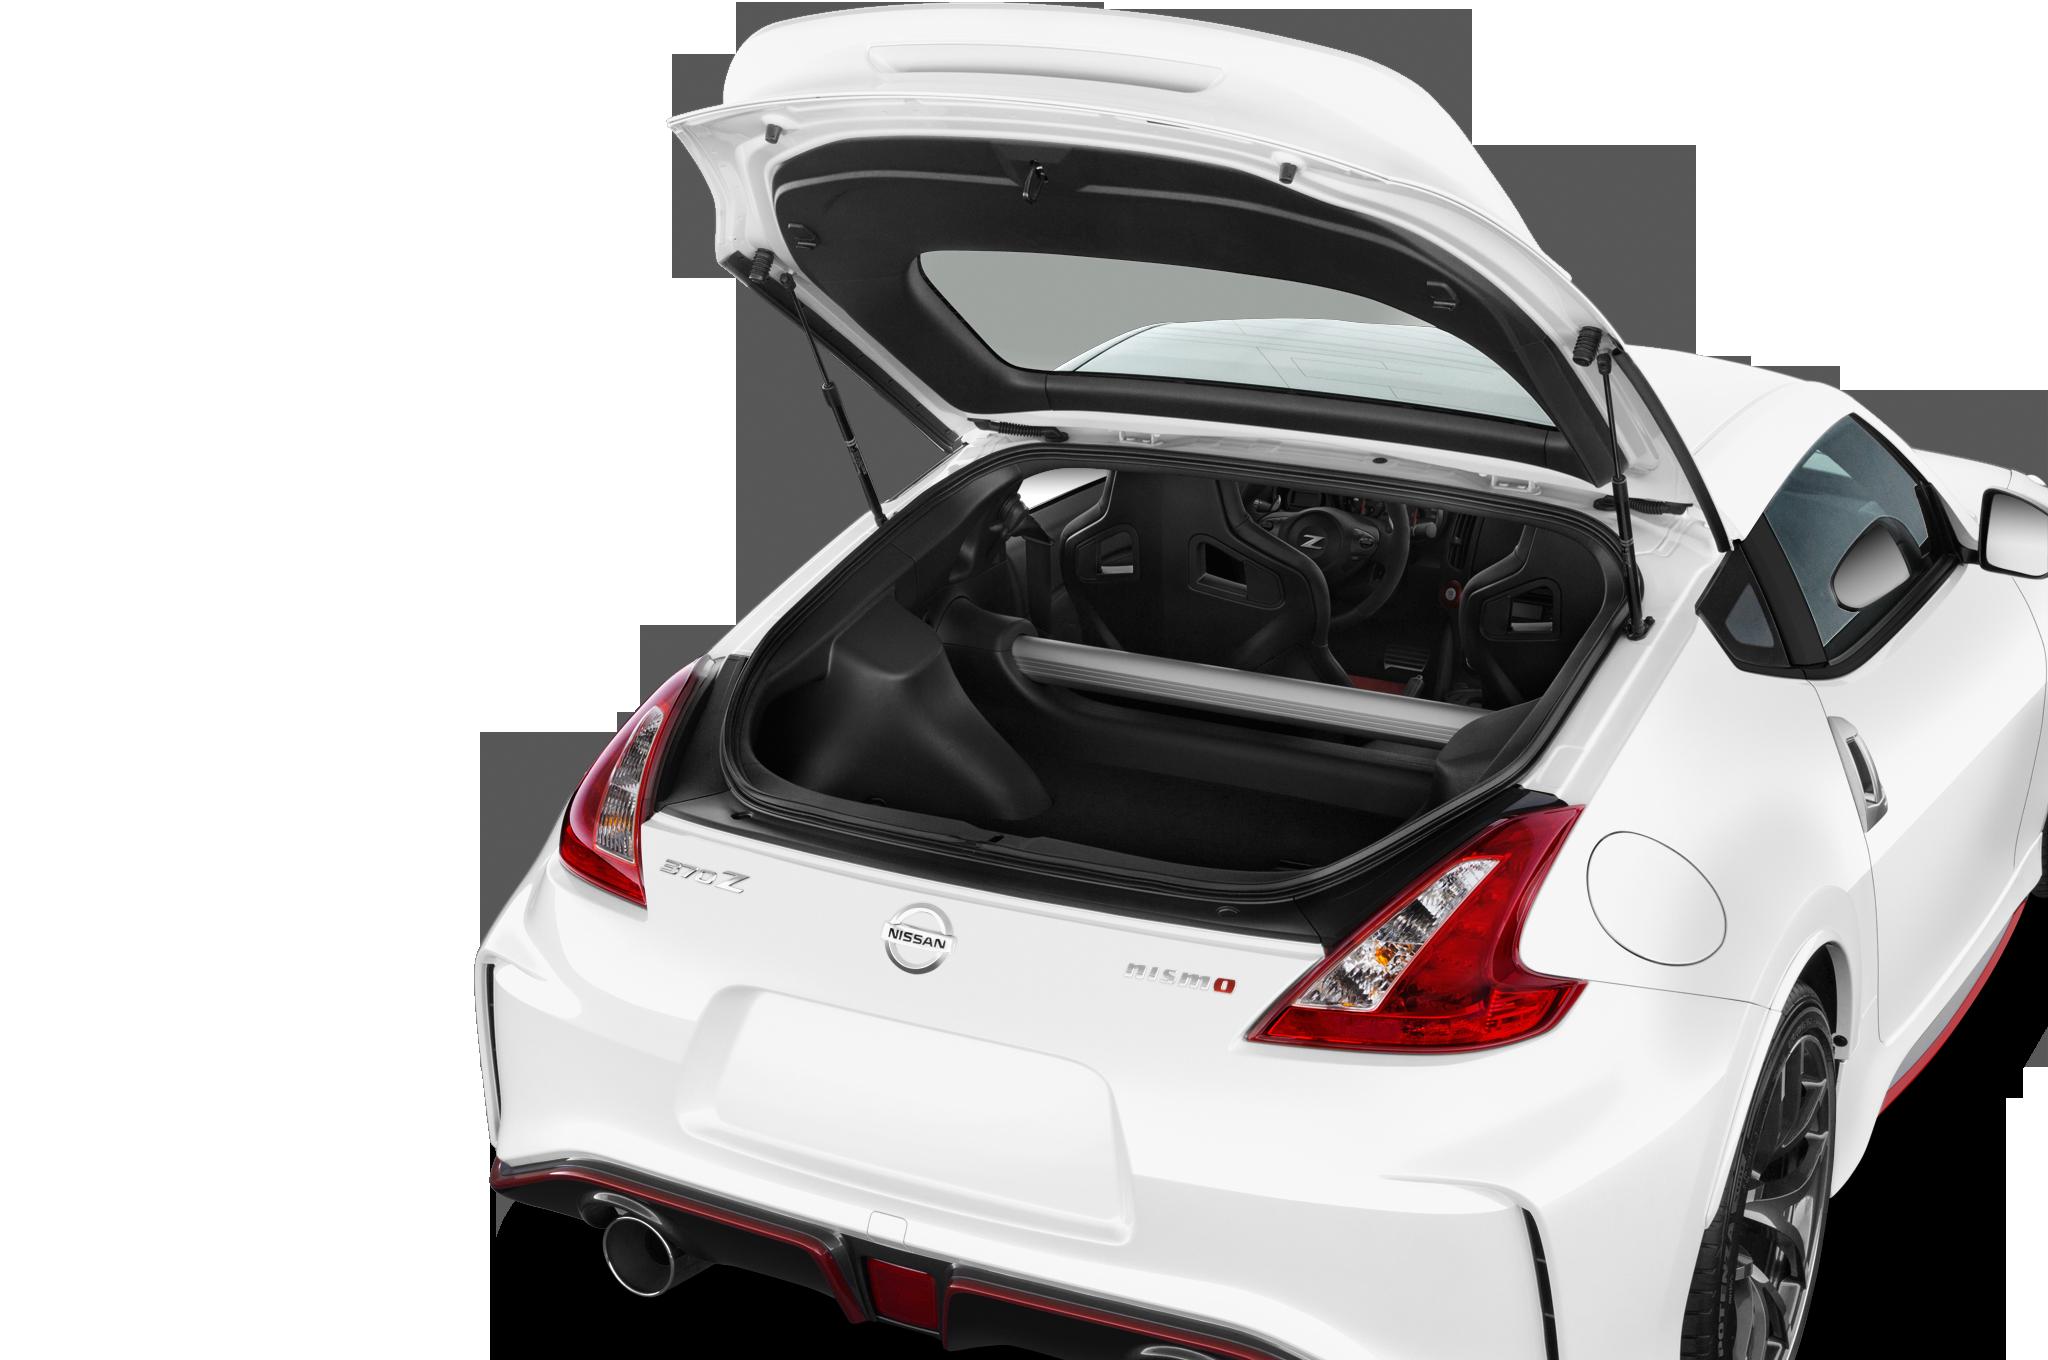 370Z 0 60 >> One Week With: 2017 Nissan 370Z | Automobile Magazine